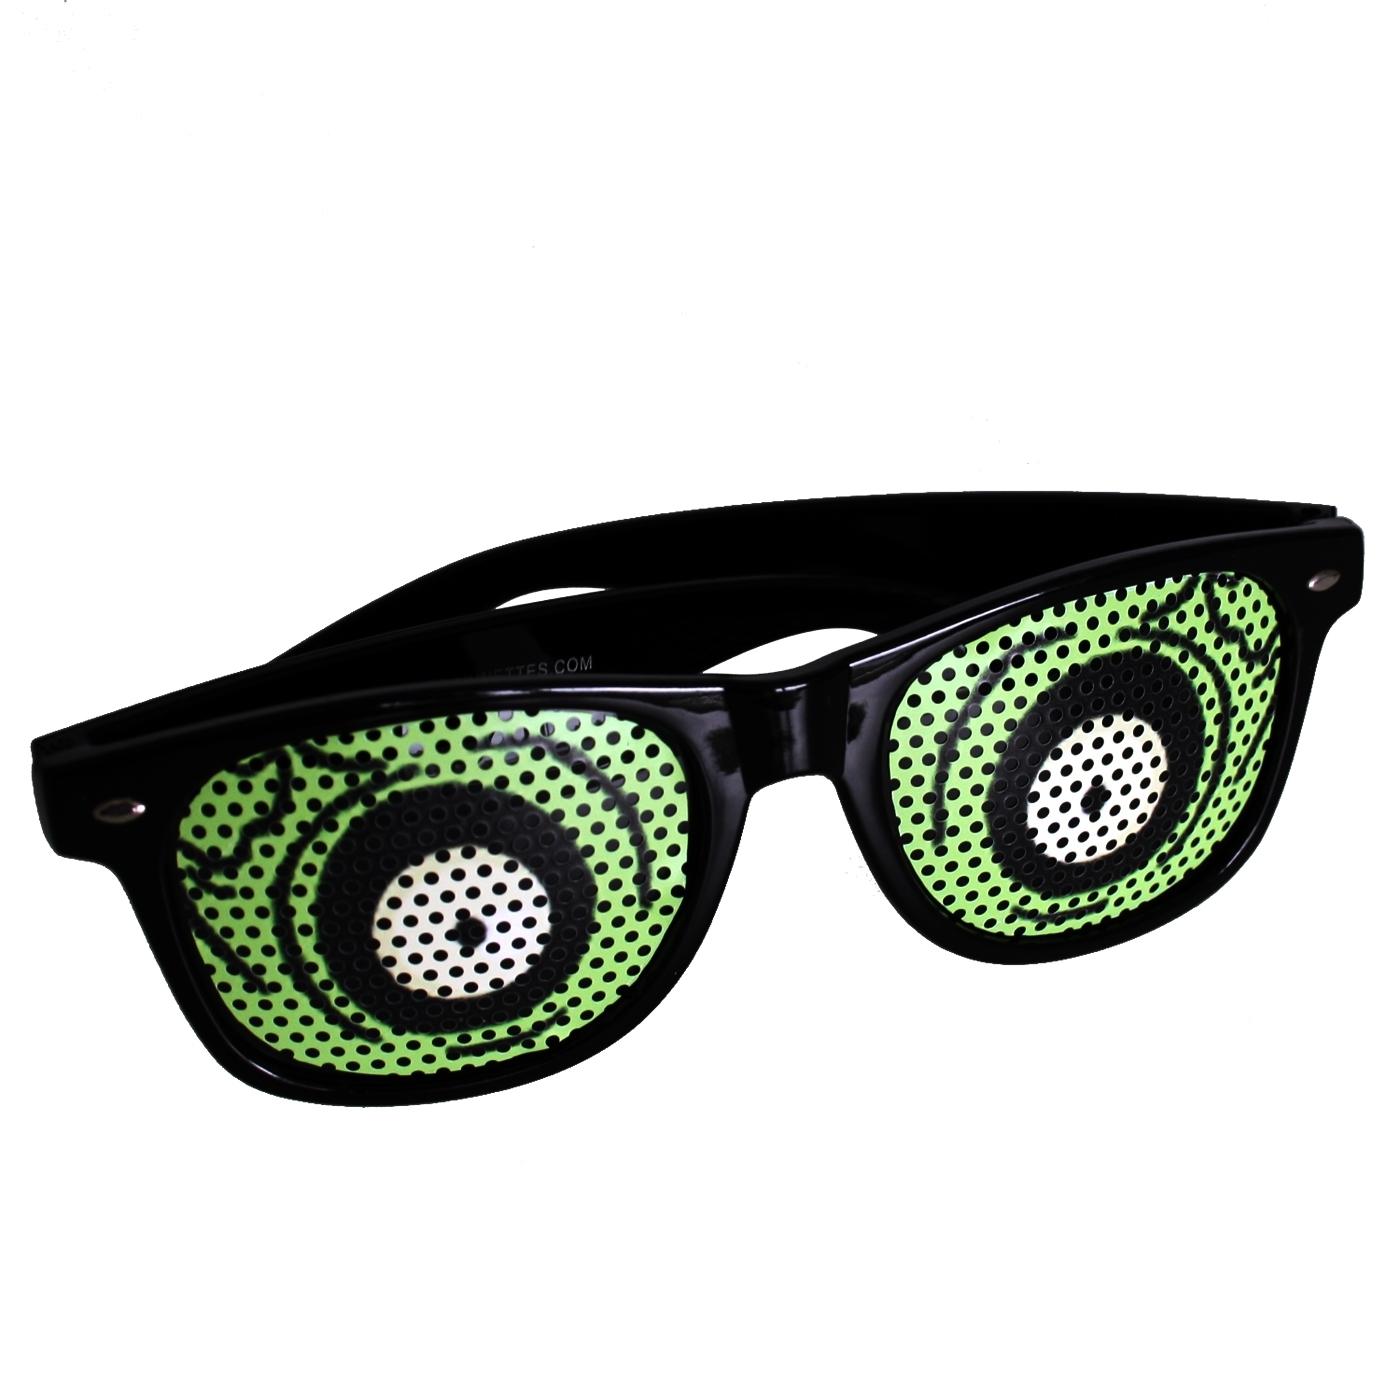 Monster Sunglasses  nunettes monster y glasses nunmonsty sunglasses rige